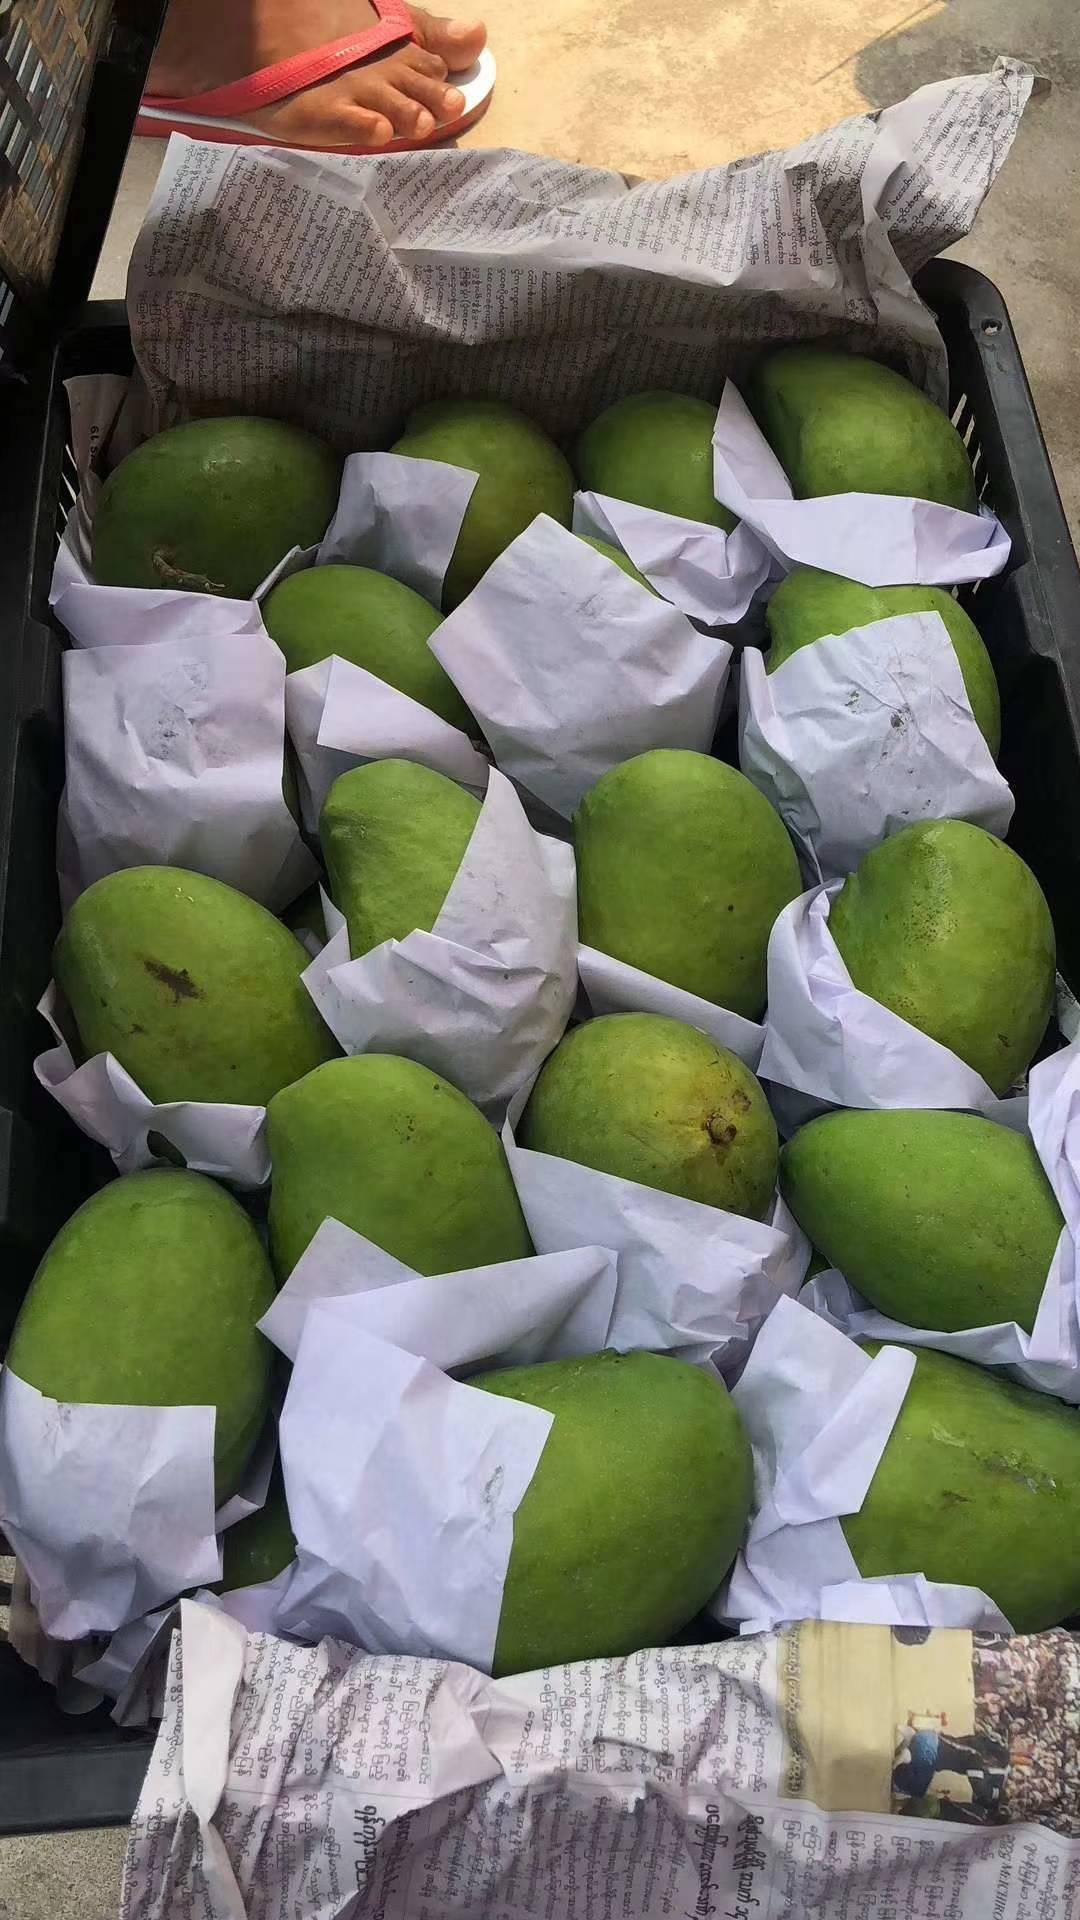 园圣觹�$y�9�%9�._【圣德龙】芒果中的极品!原产地缅甸,淳朴而神秘的佛.